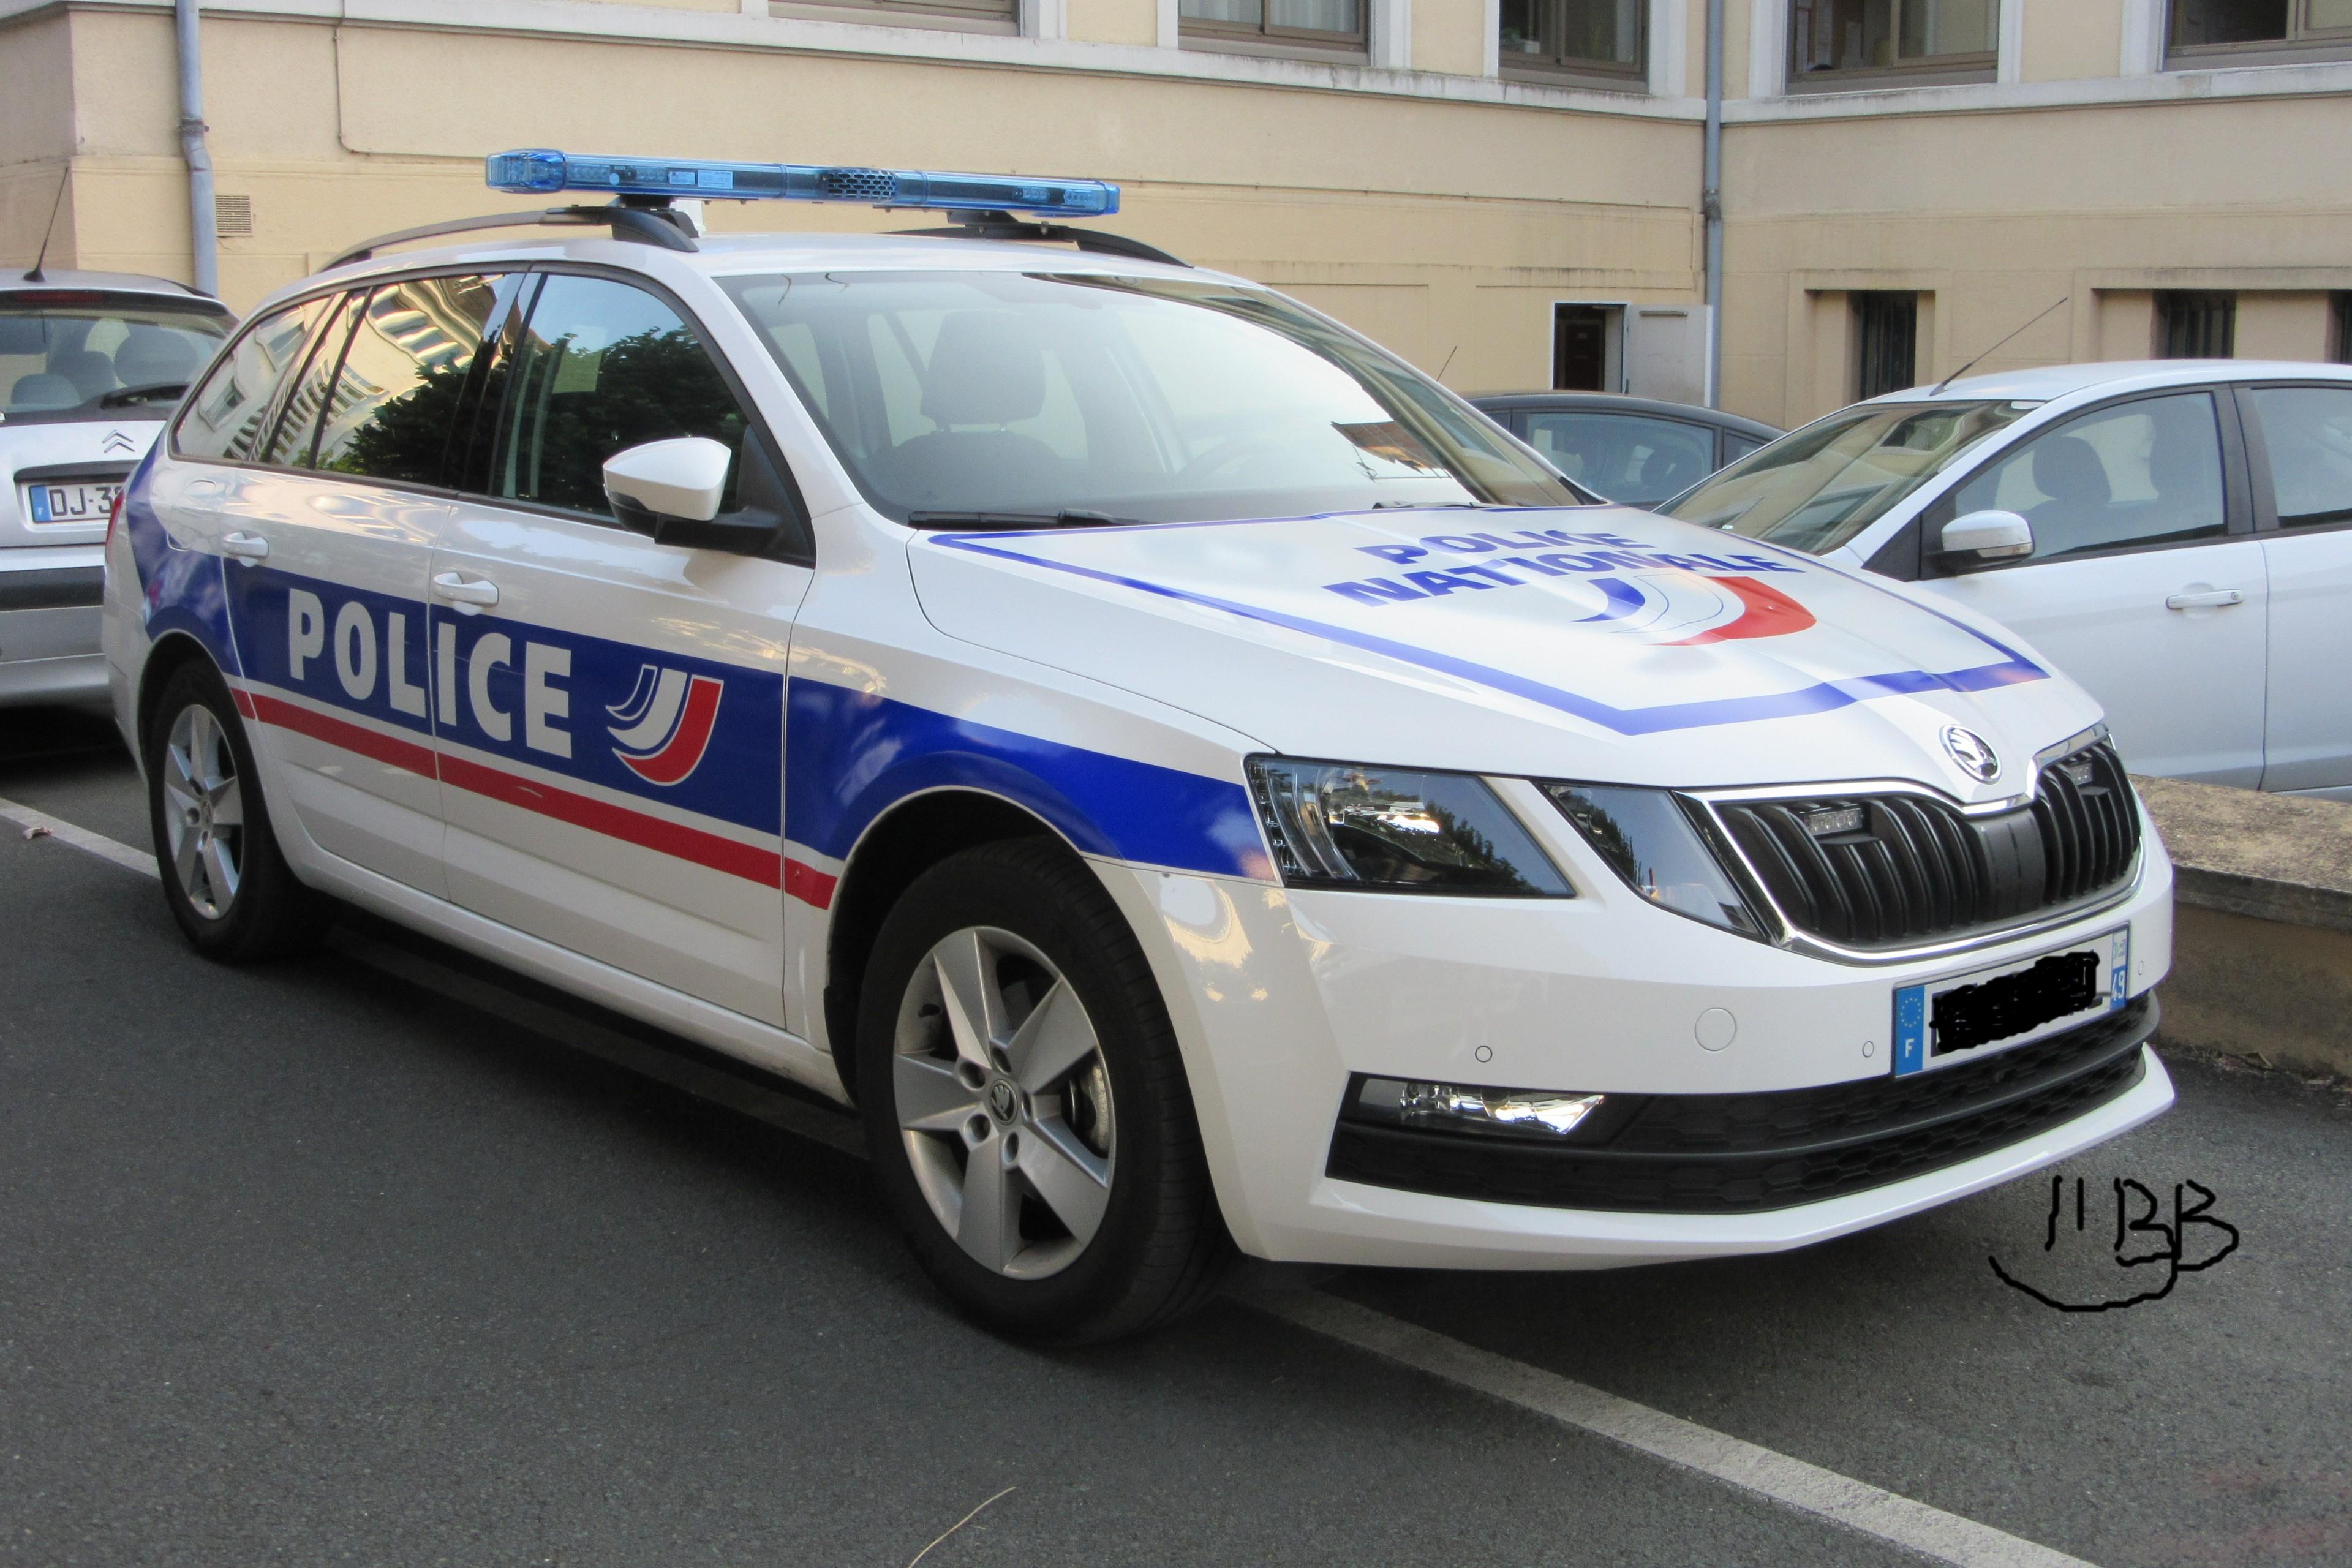 photos de voitures de police page 2704 auto titre. Black Bedroom Furniture Sets. Home Design Ideas